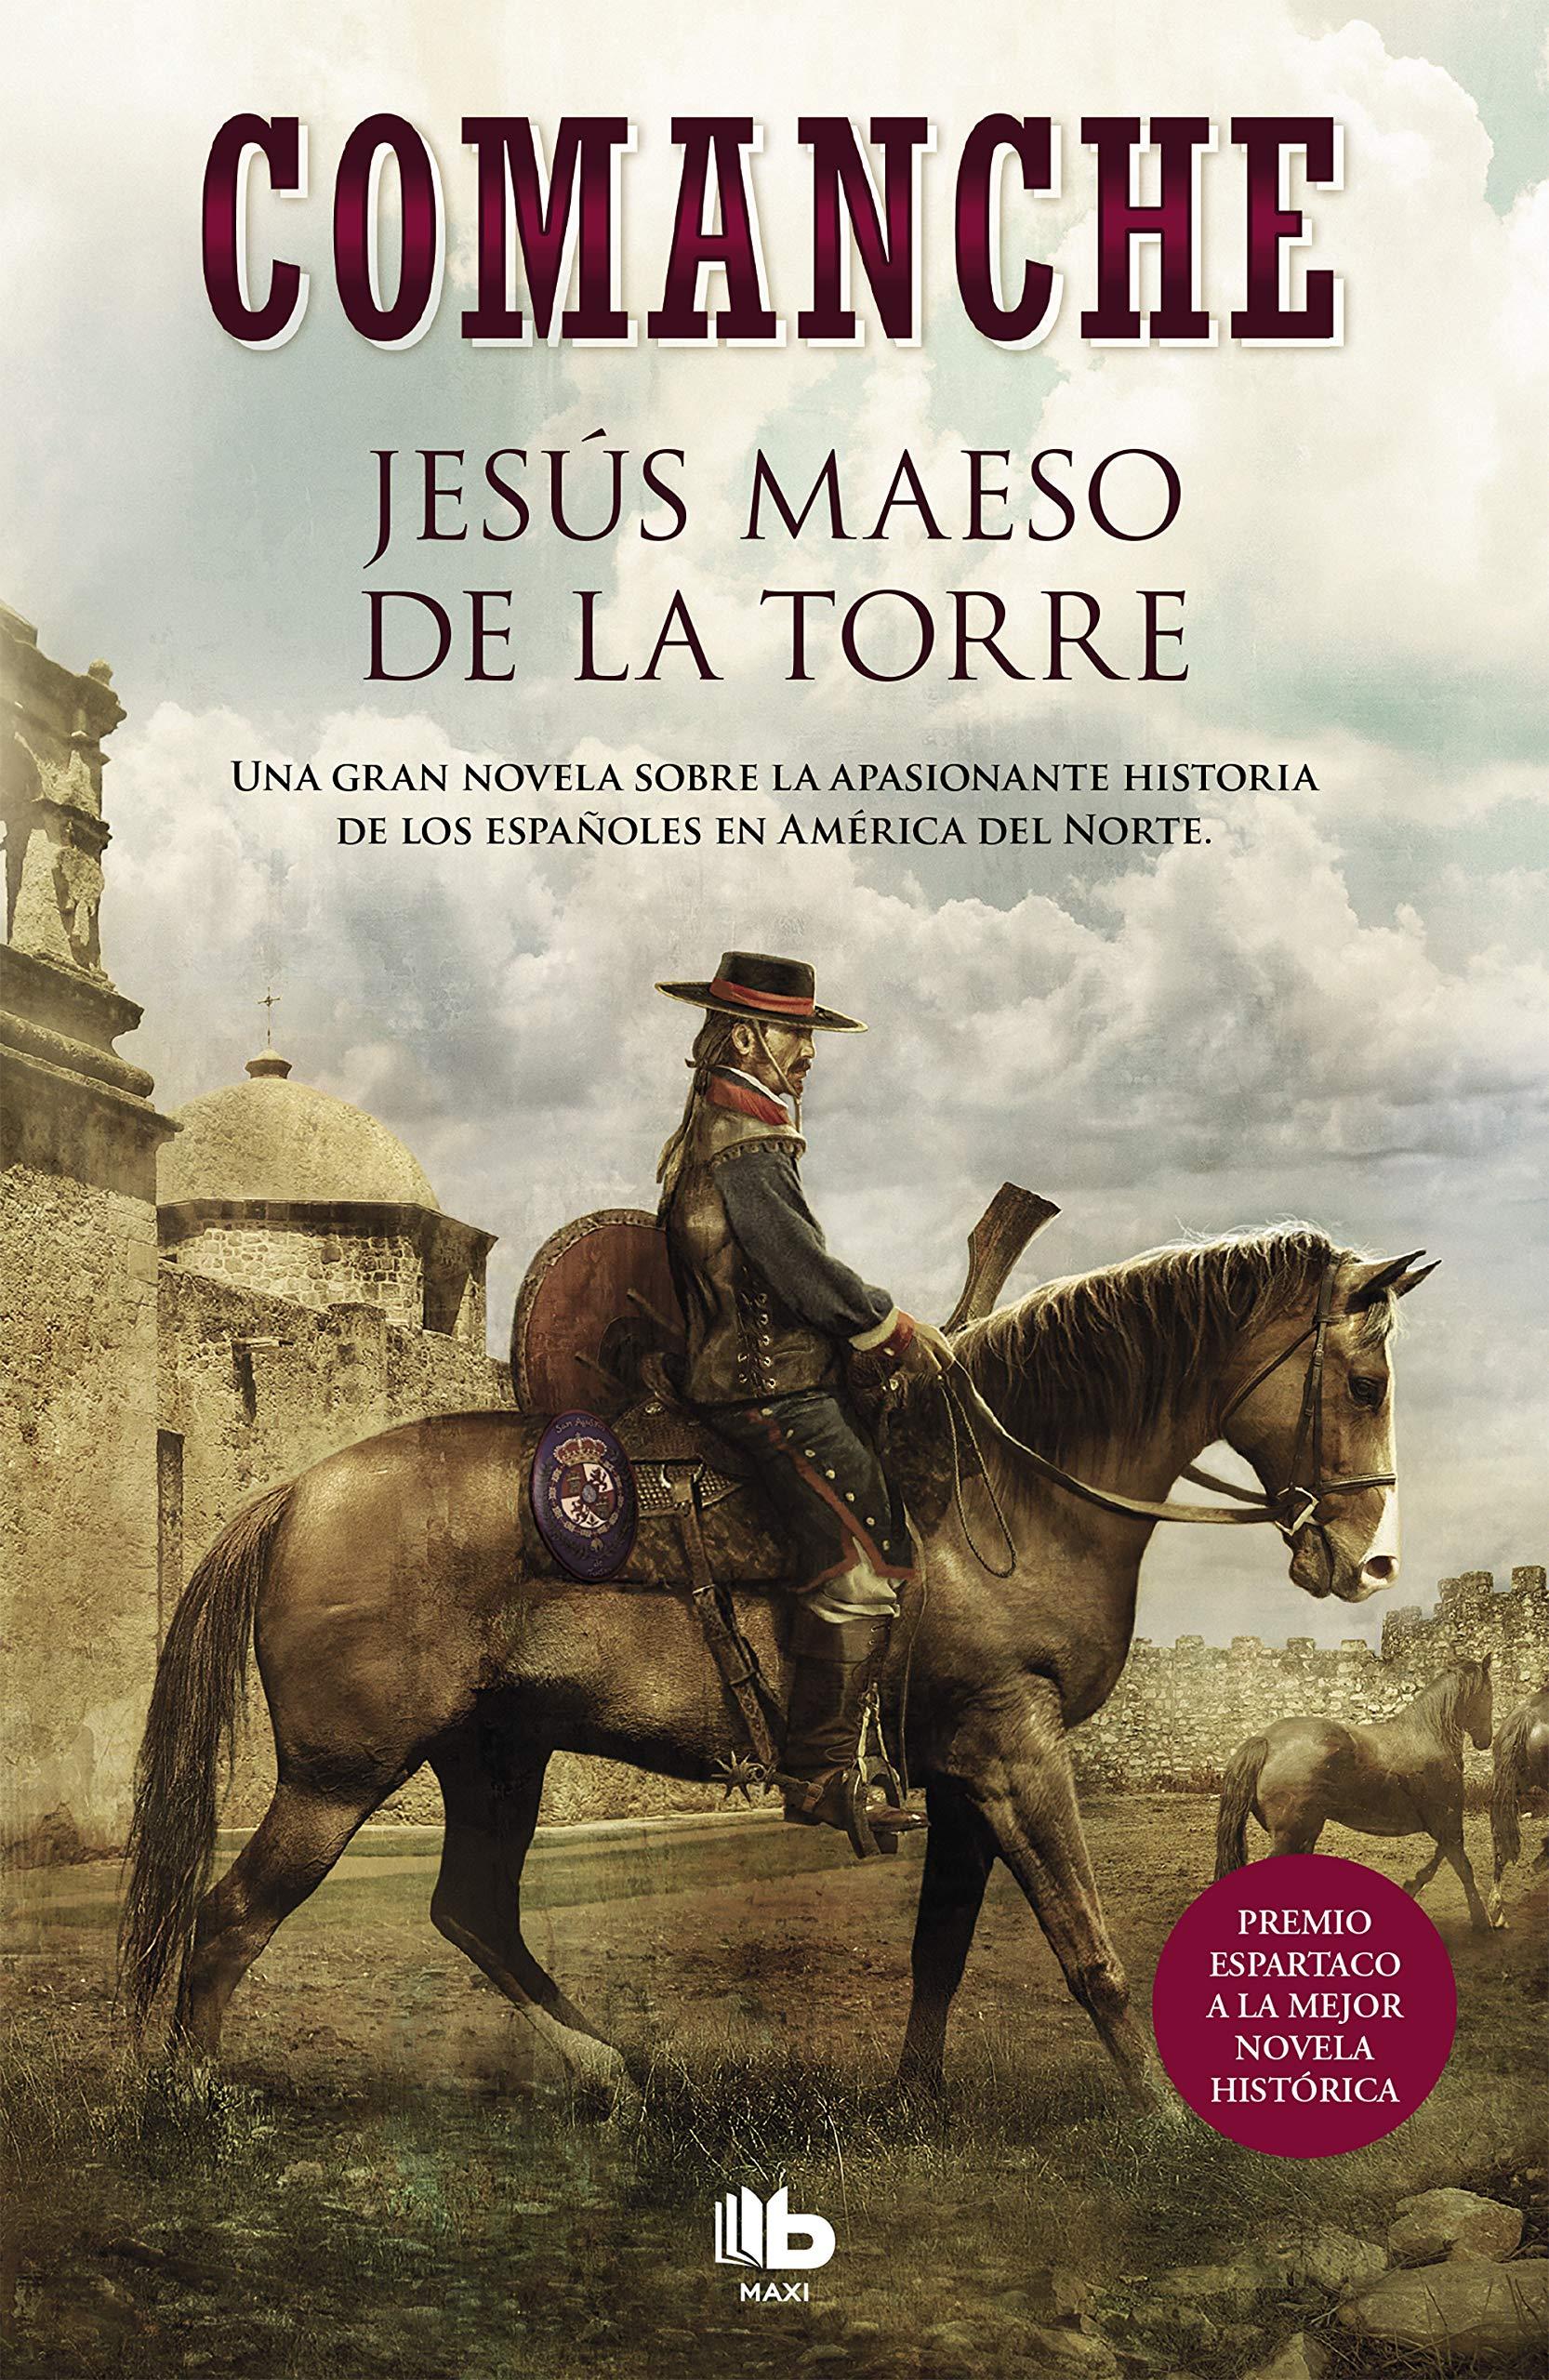 Comanche (MAXI): Amazon.es: Jesús Maeso de la Torre: Libros